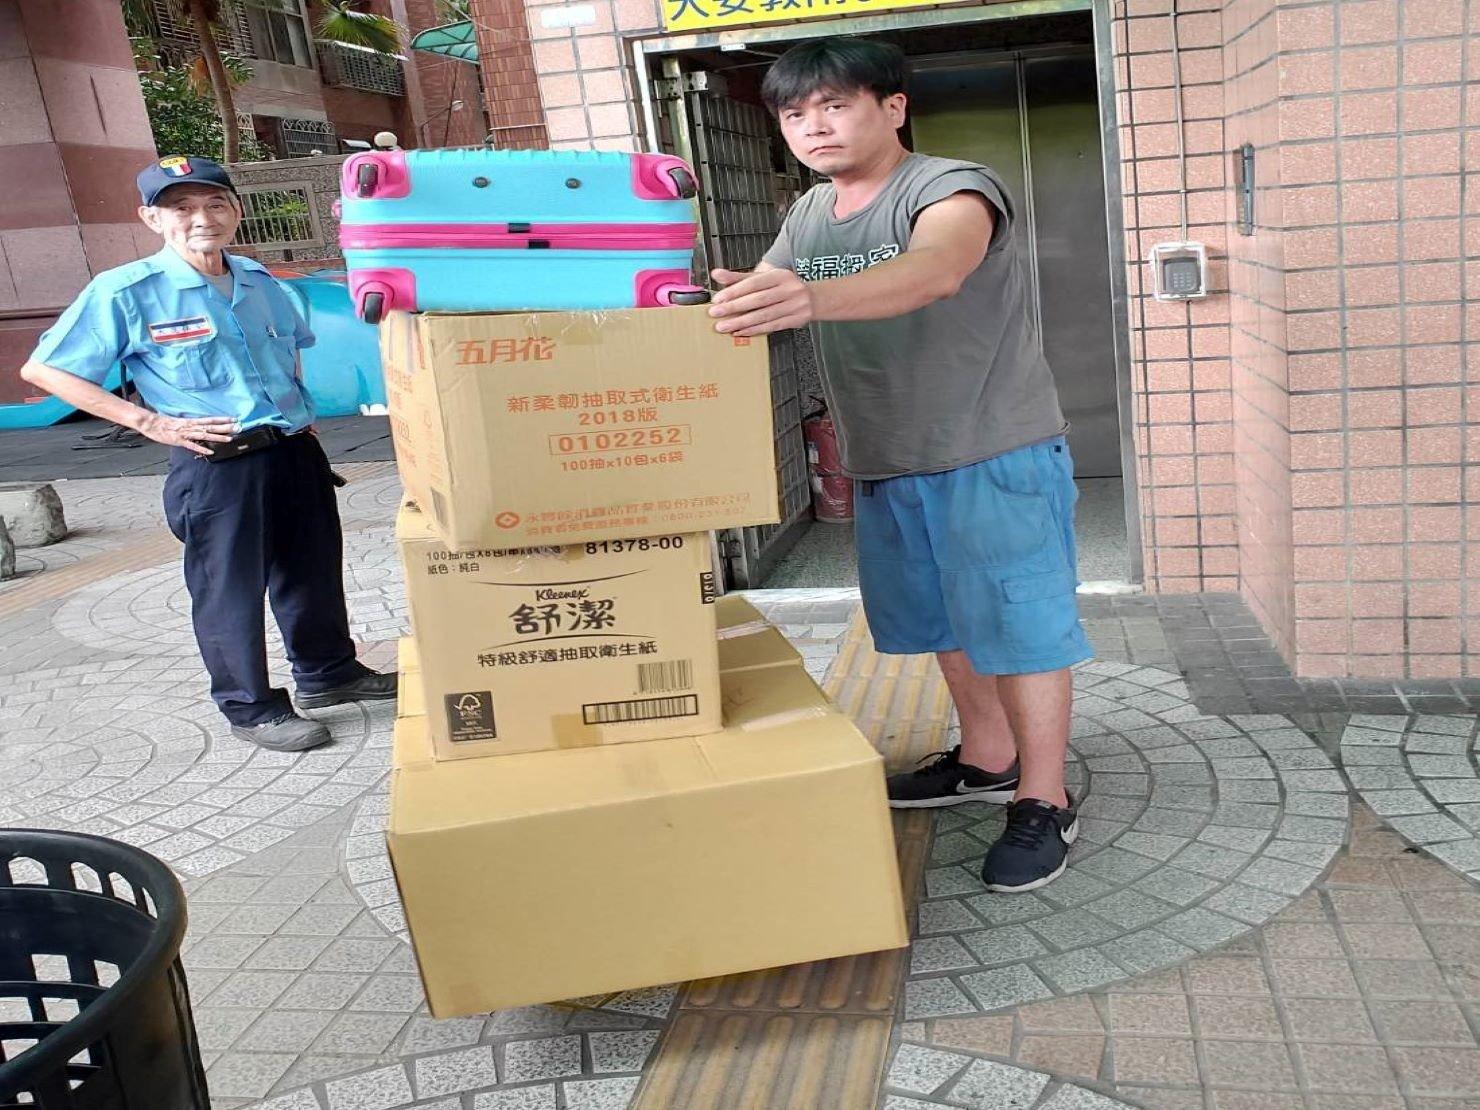 將裝箱物品以拖板車用送下樓;且事先向社區管委會申請好貨車停靠及物品擺放地